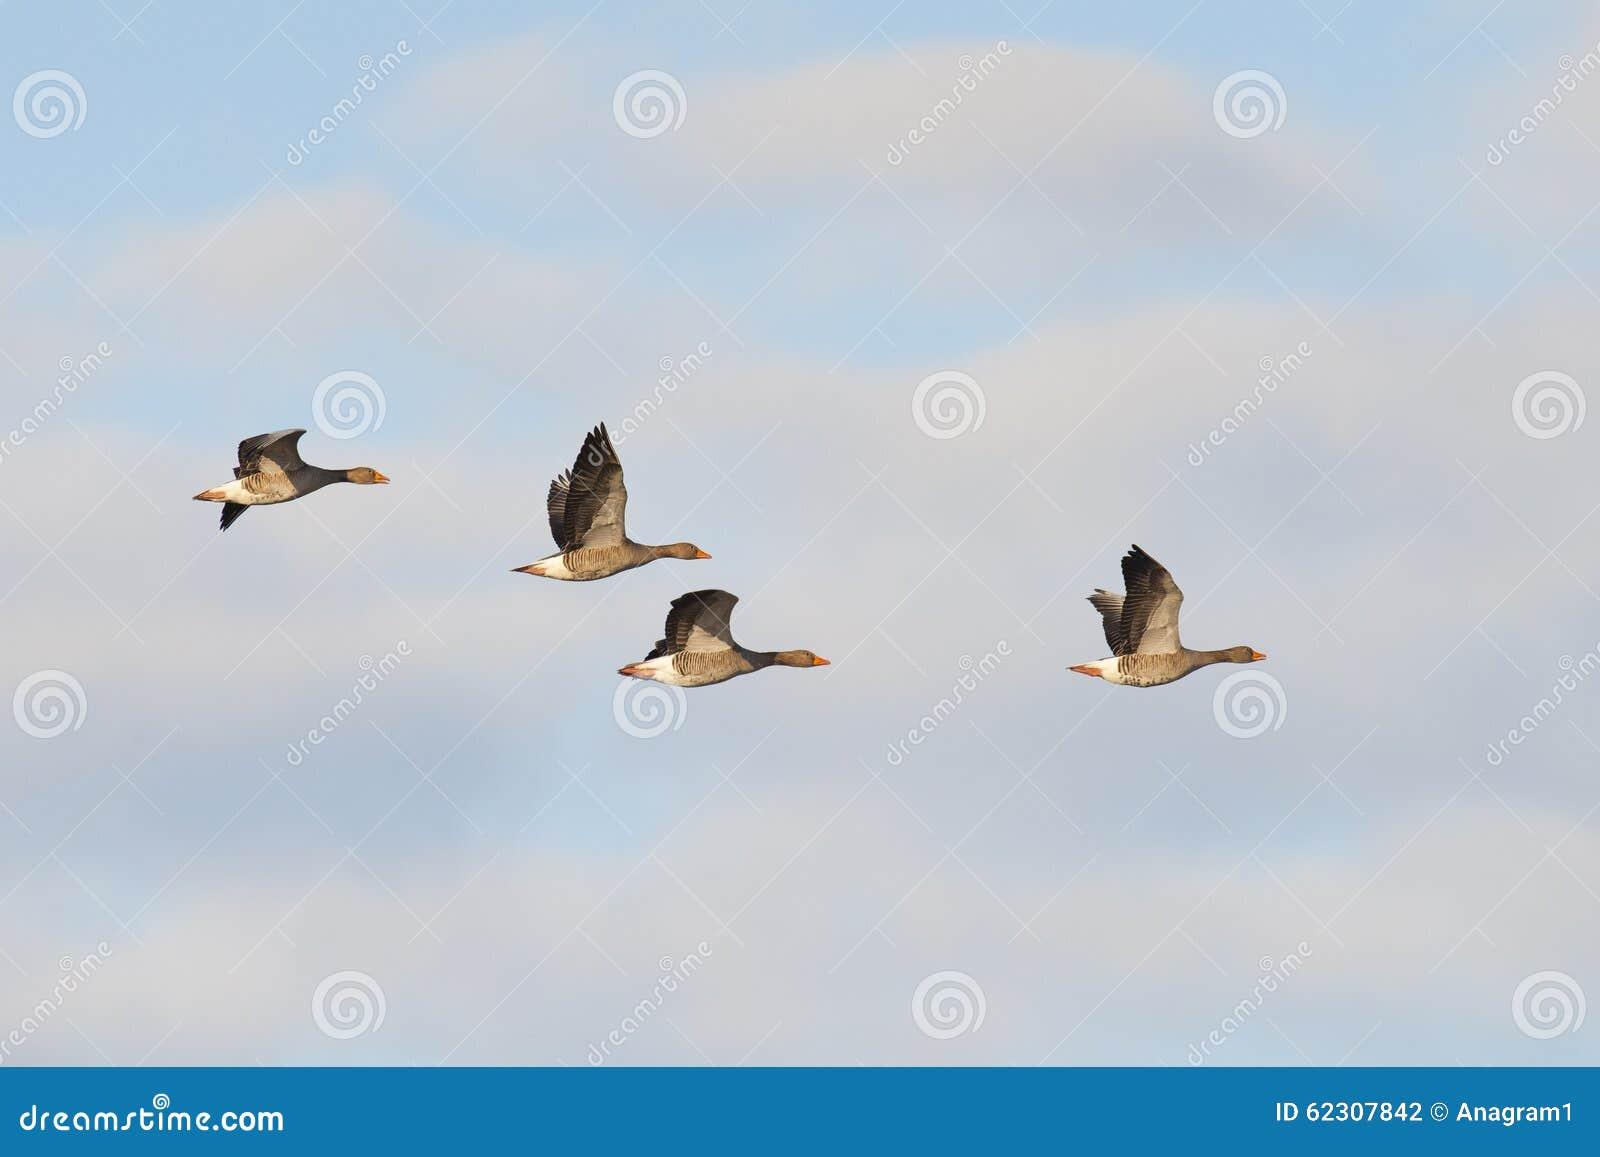 Gansos de ganso silvestre en vuelo